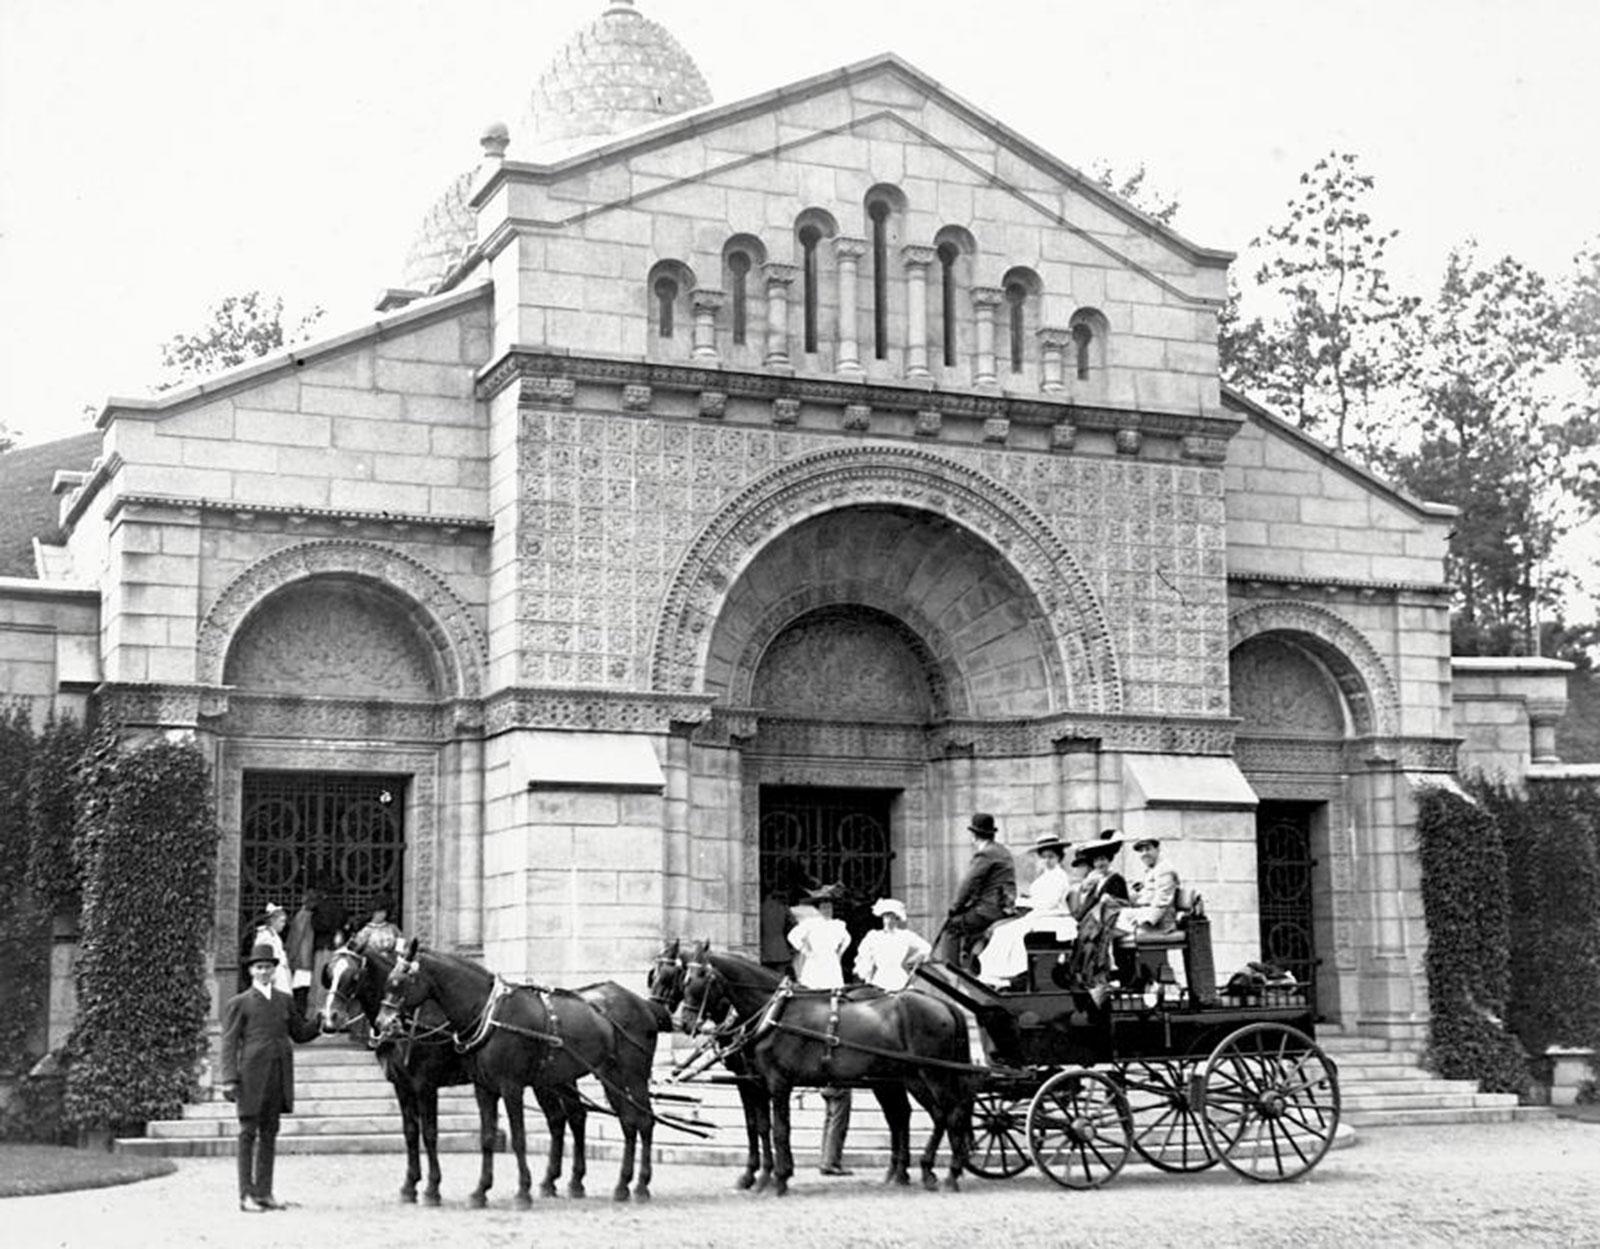 new-york-vanderbilt-mausoleum-2-1892-unknown